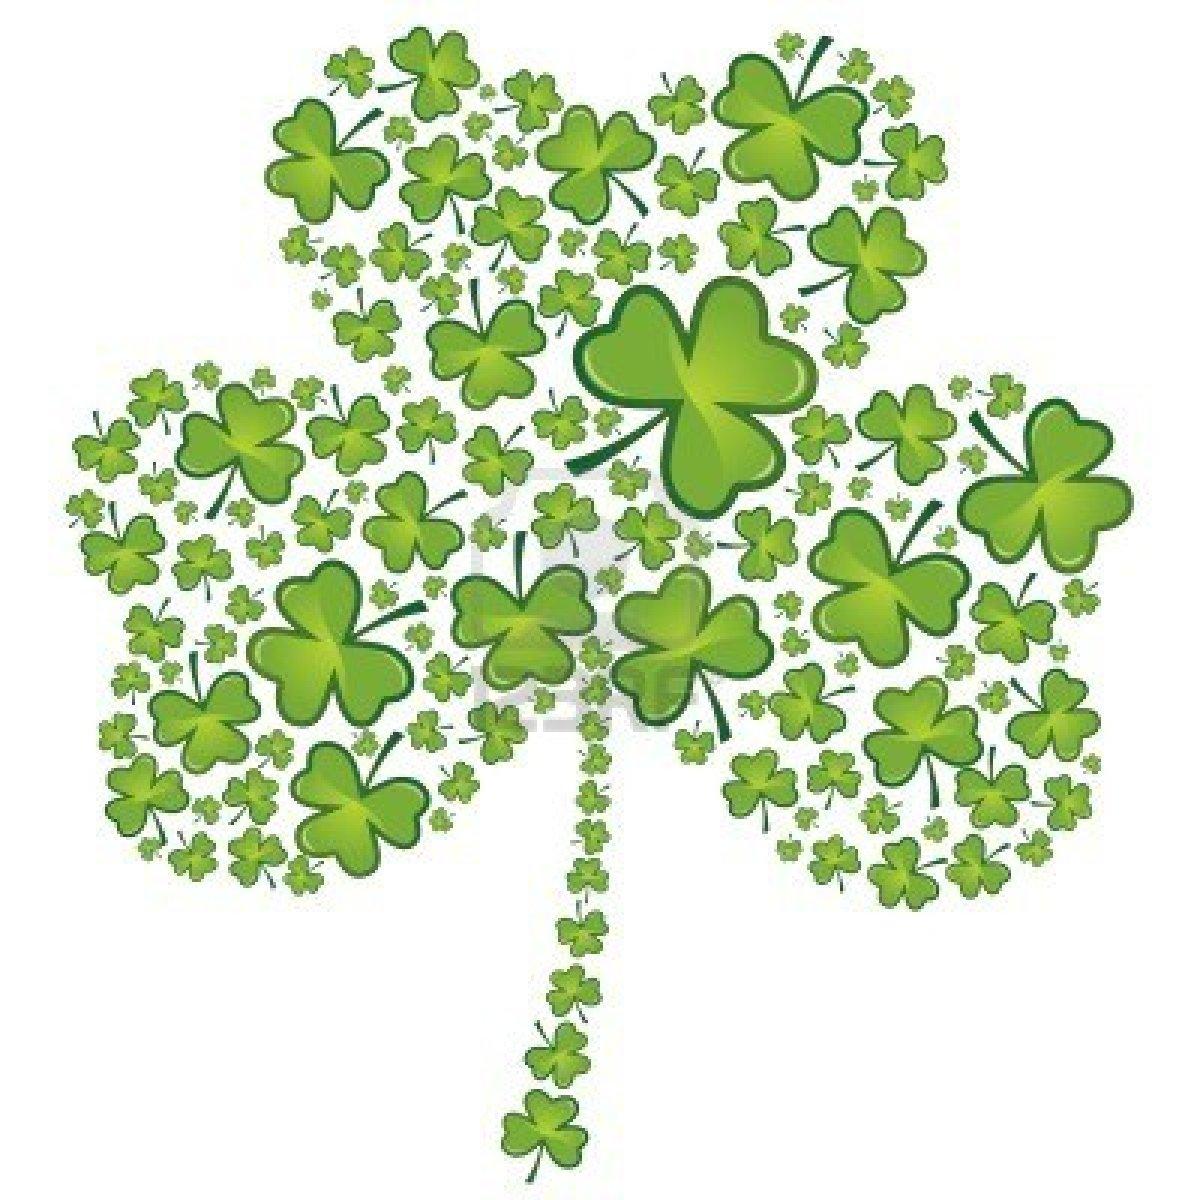 1200x1200 St. Patrick's Day Celebration